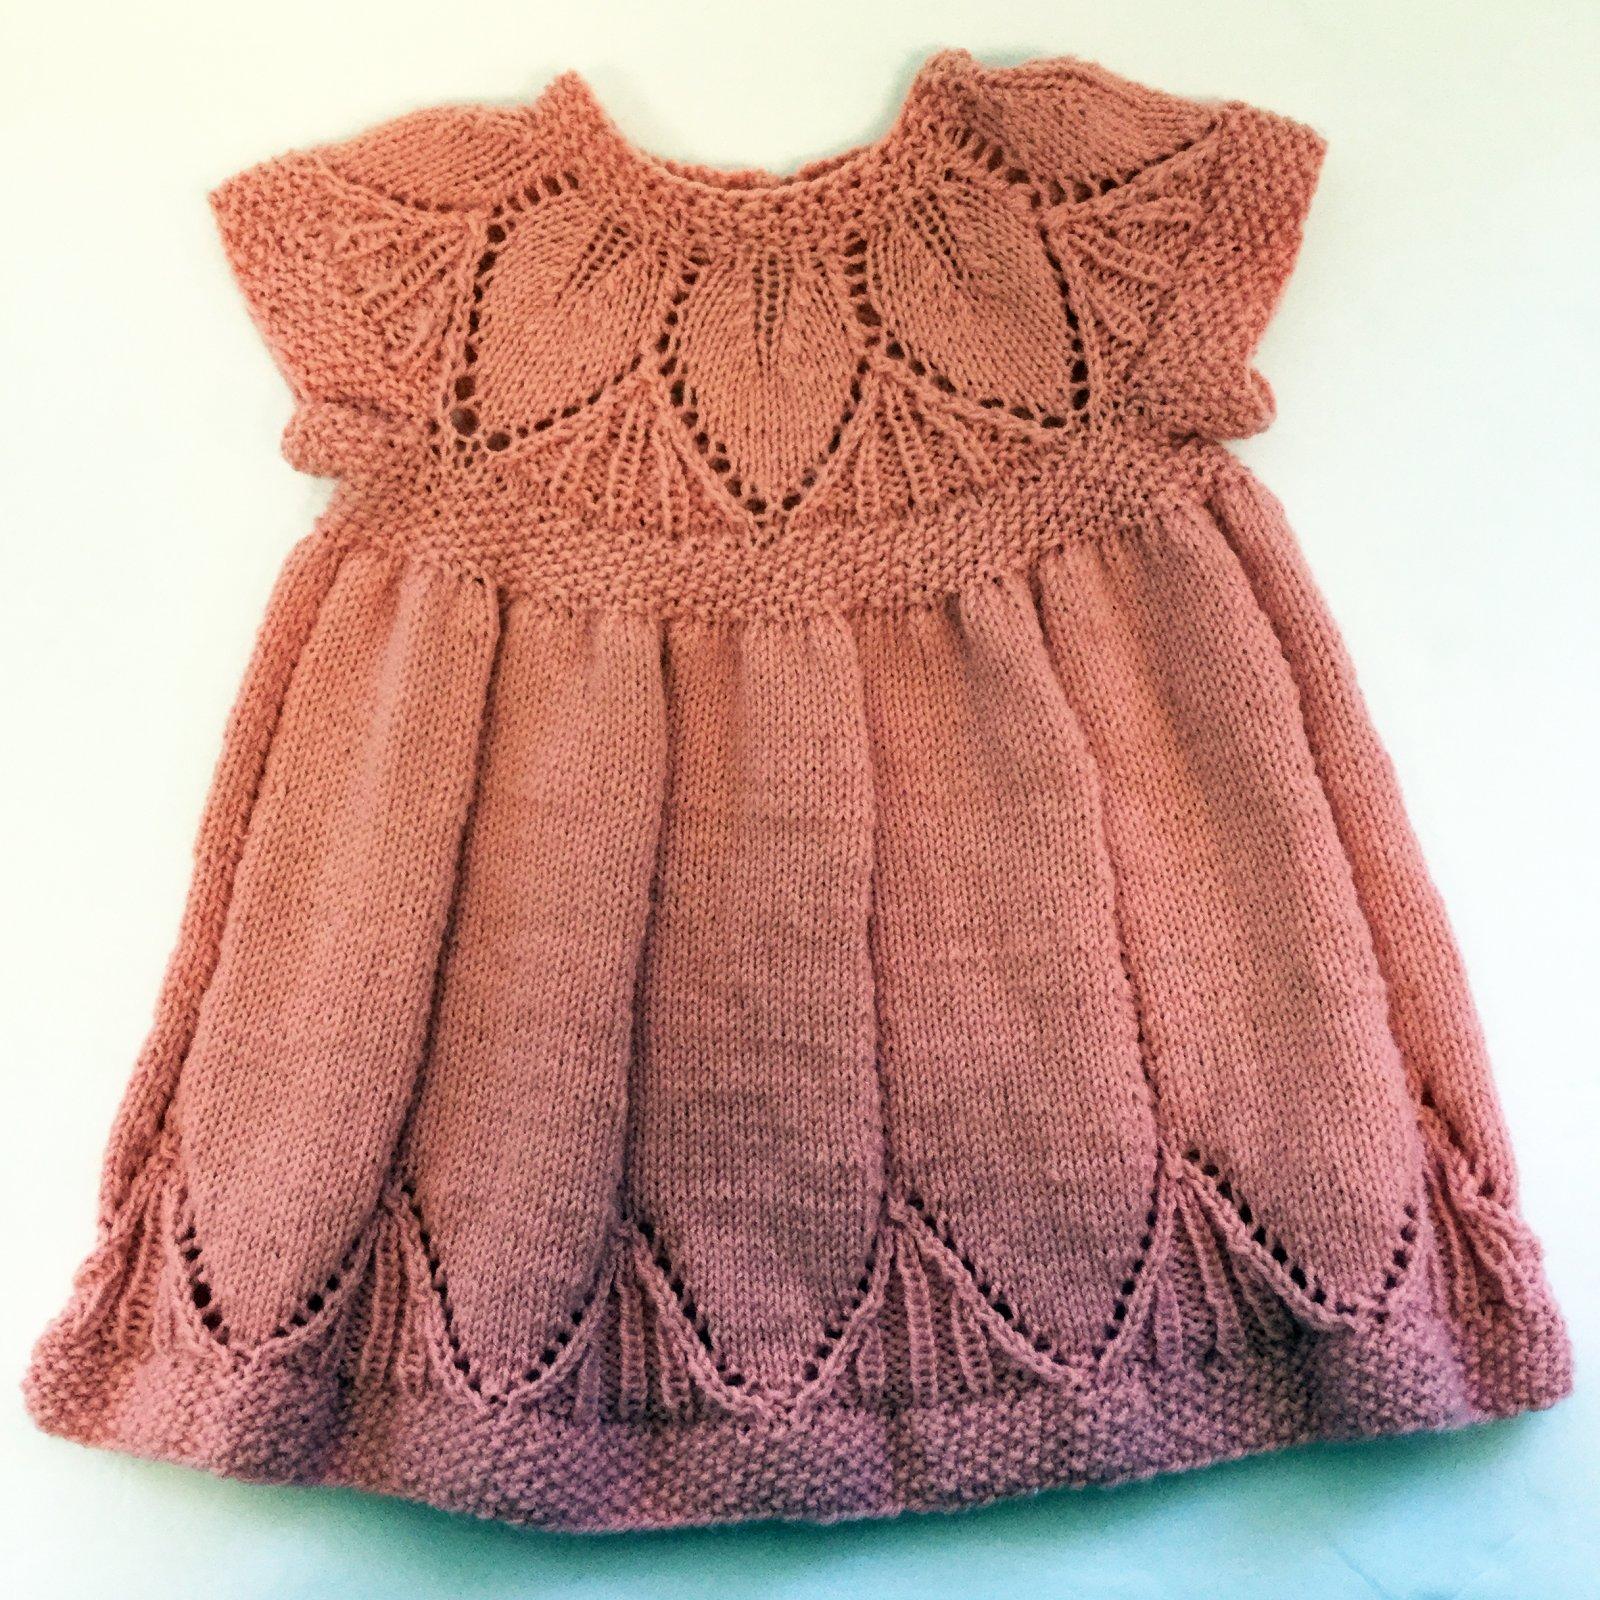 87-Peach Dress